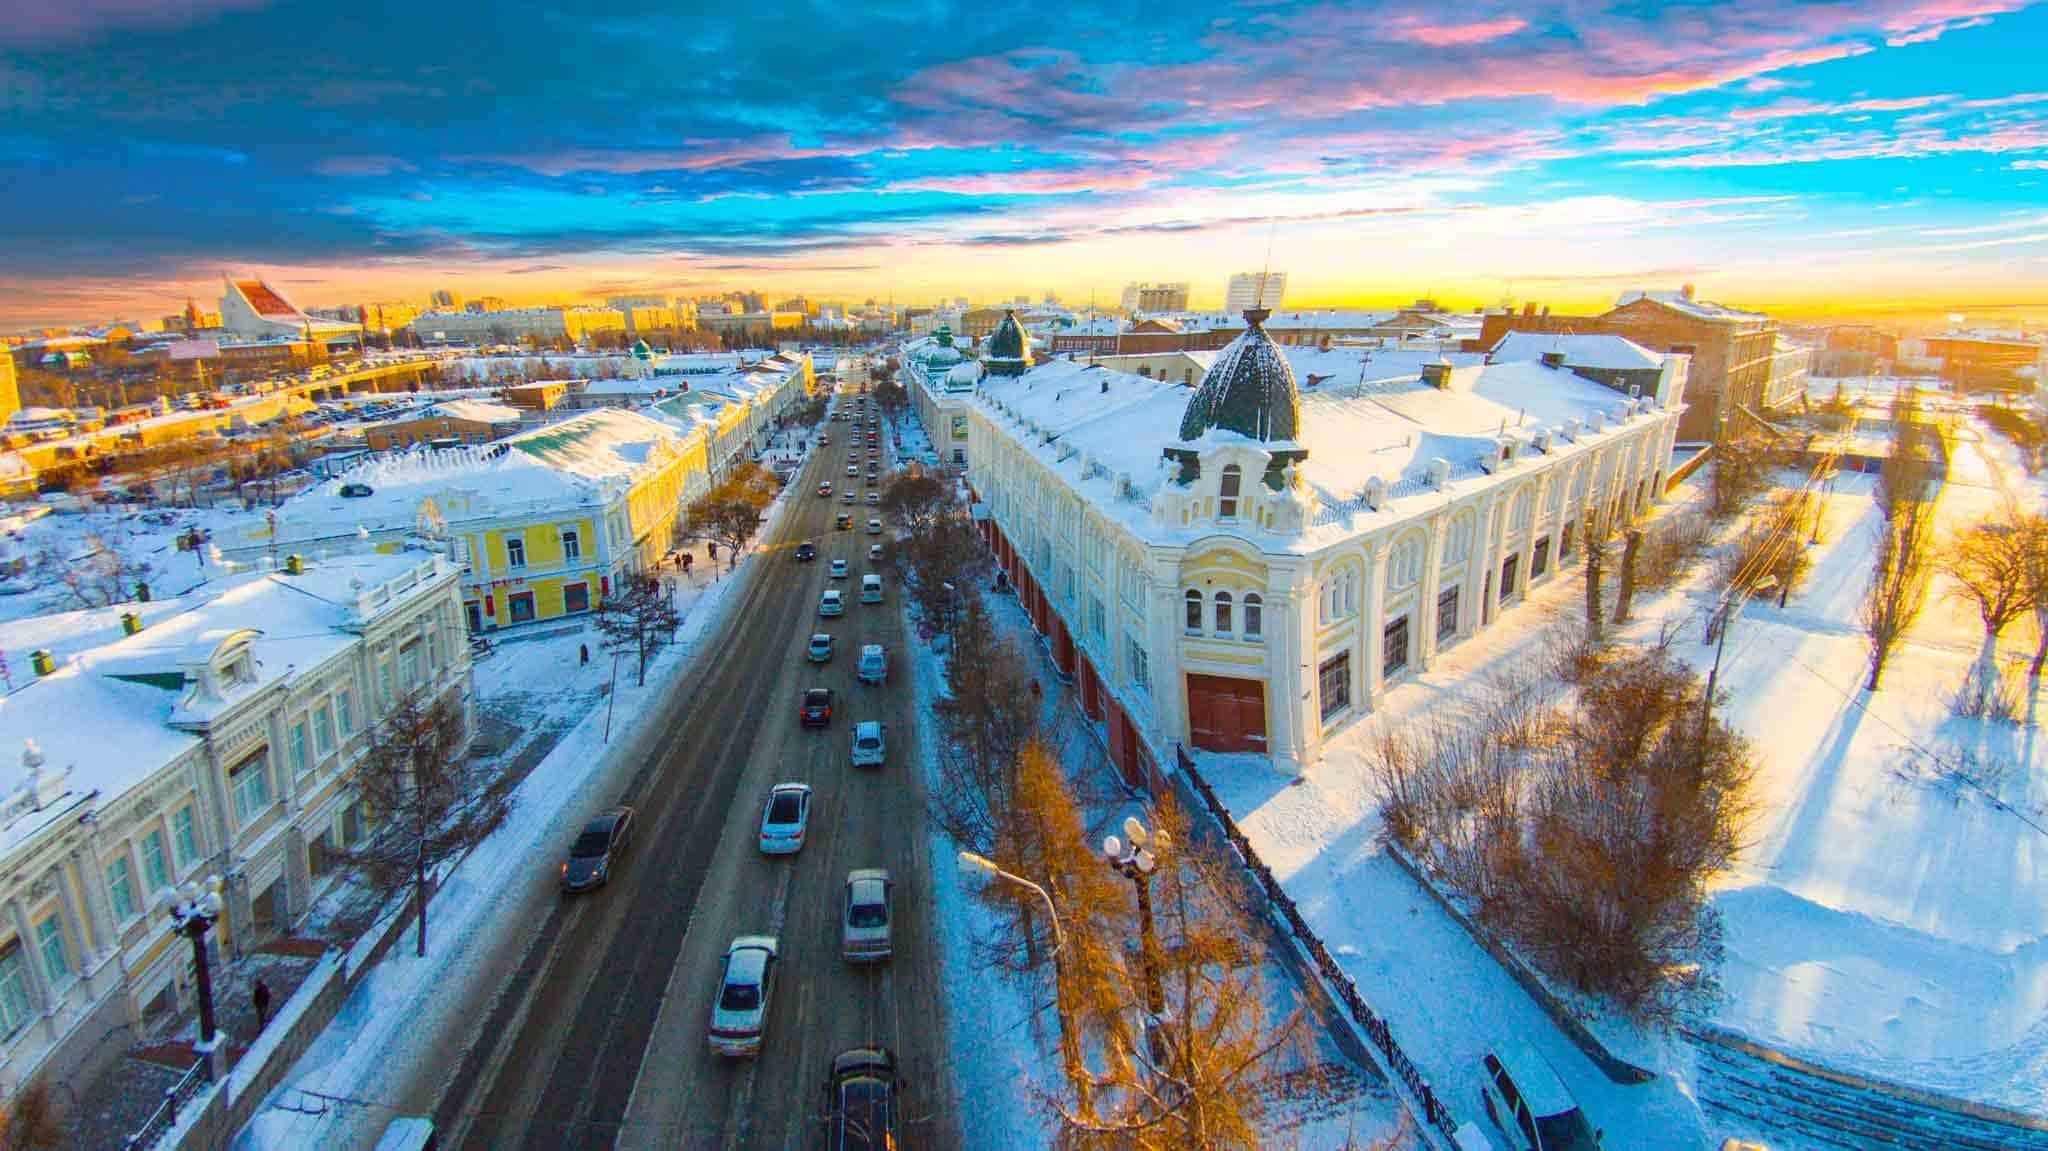 АЭМТ - Ассамблея по эстетической медицине и трихологии, 1-2 ноября 2018, г. Омск